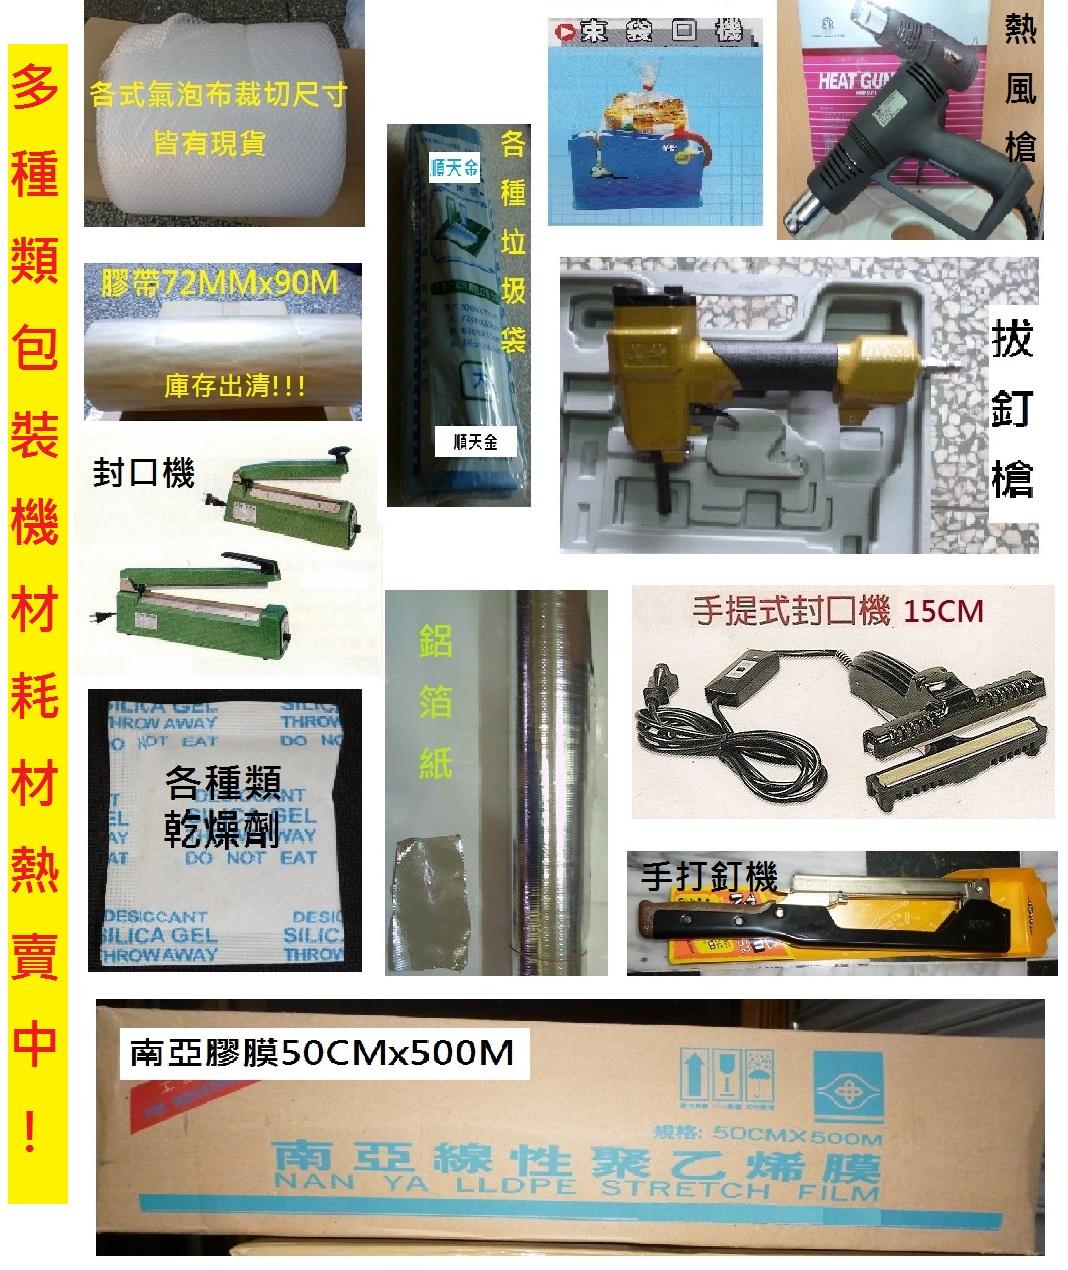 24多種類包裝機材耗材熱賣中.jpg